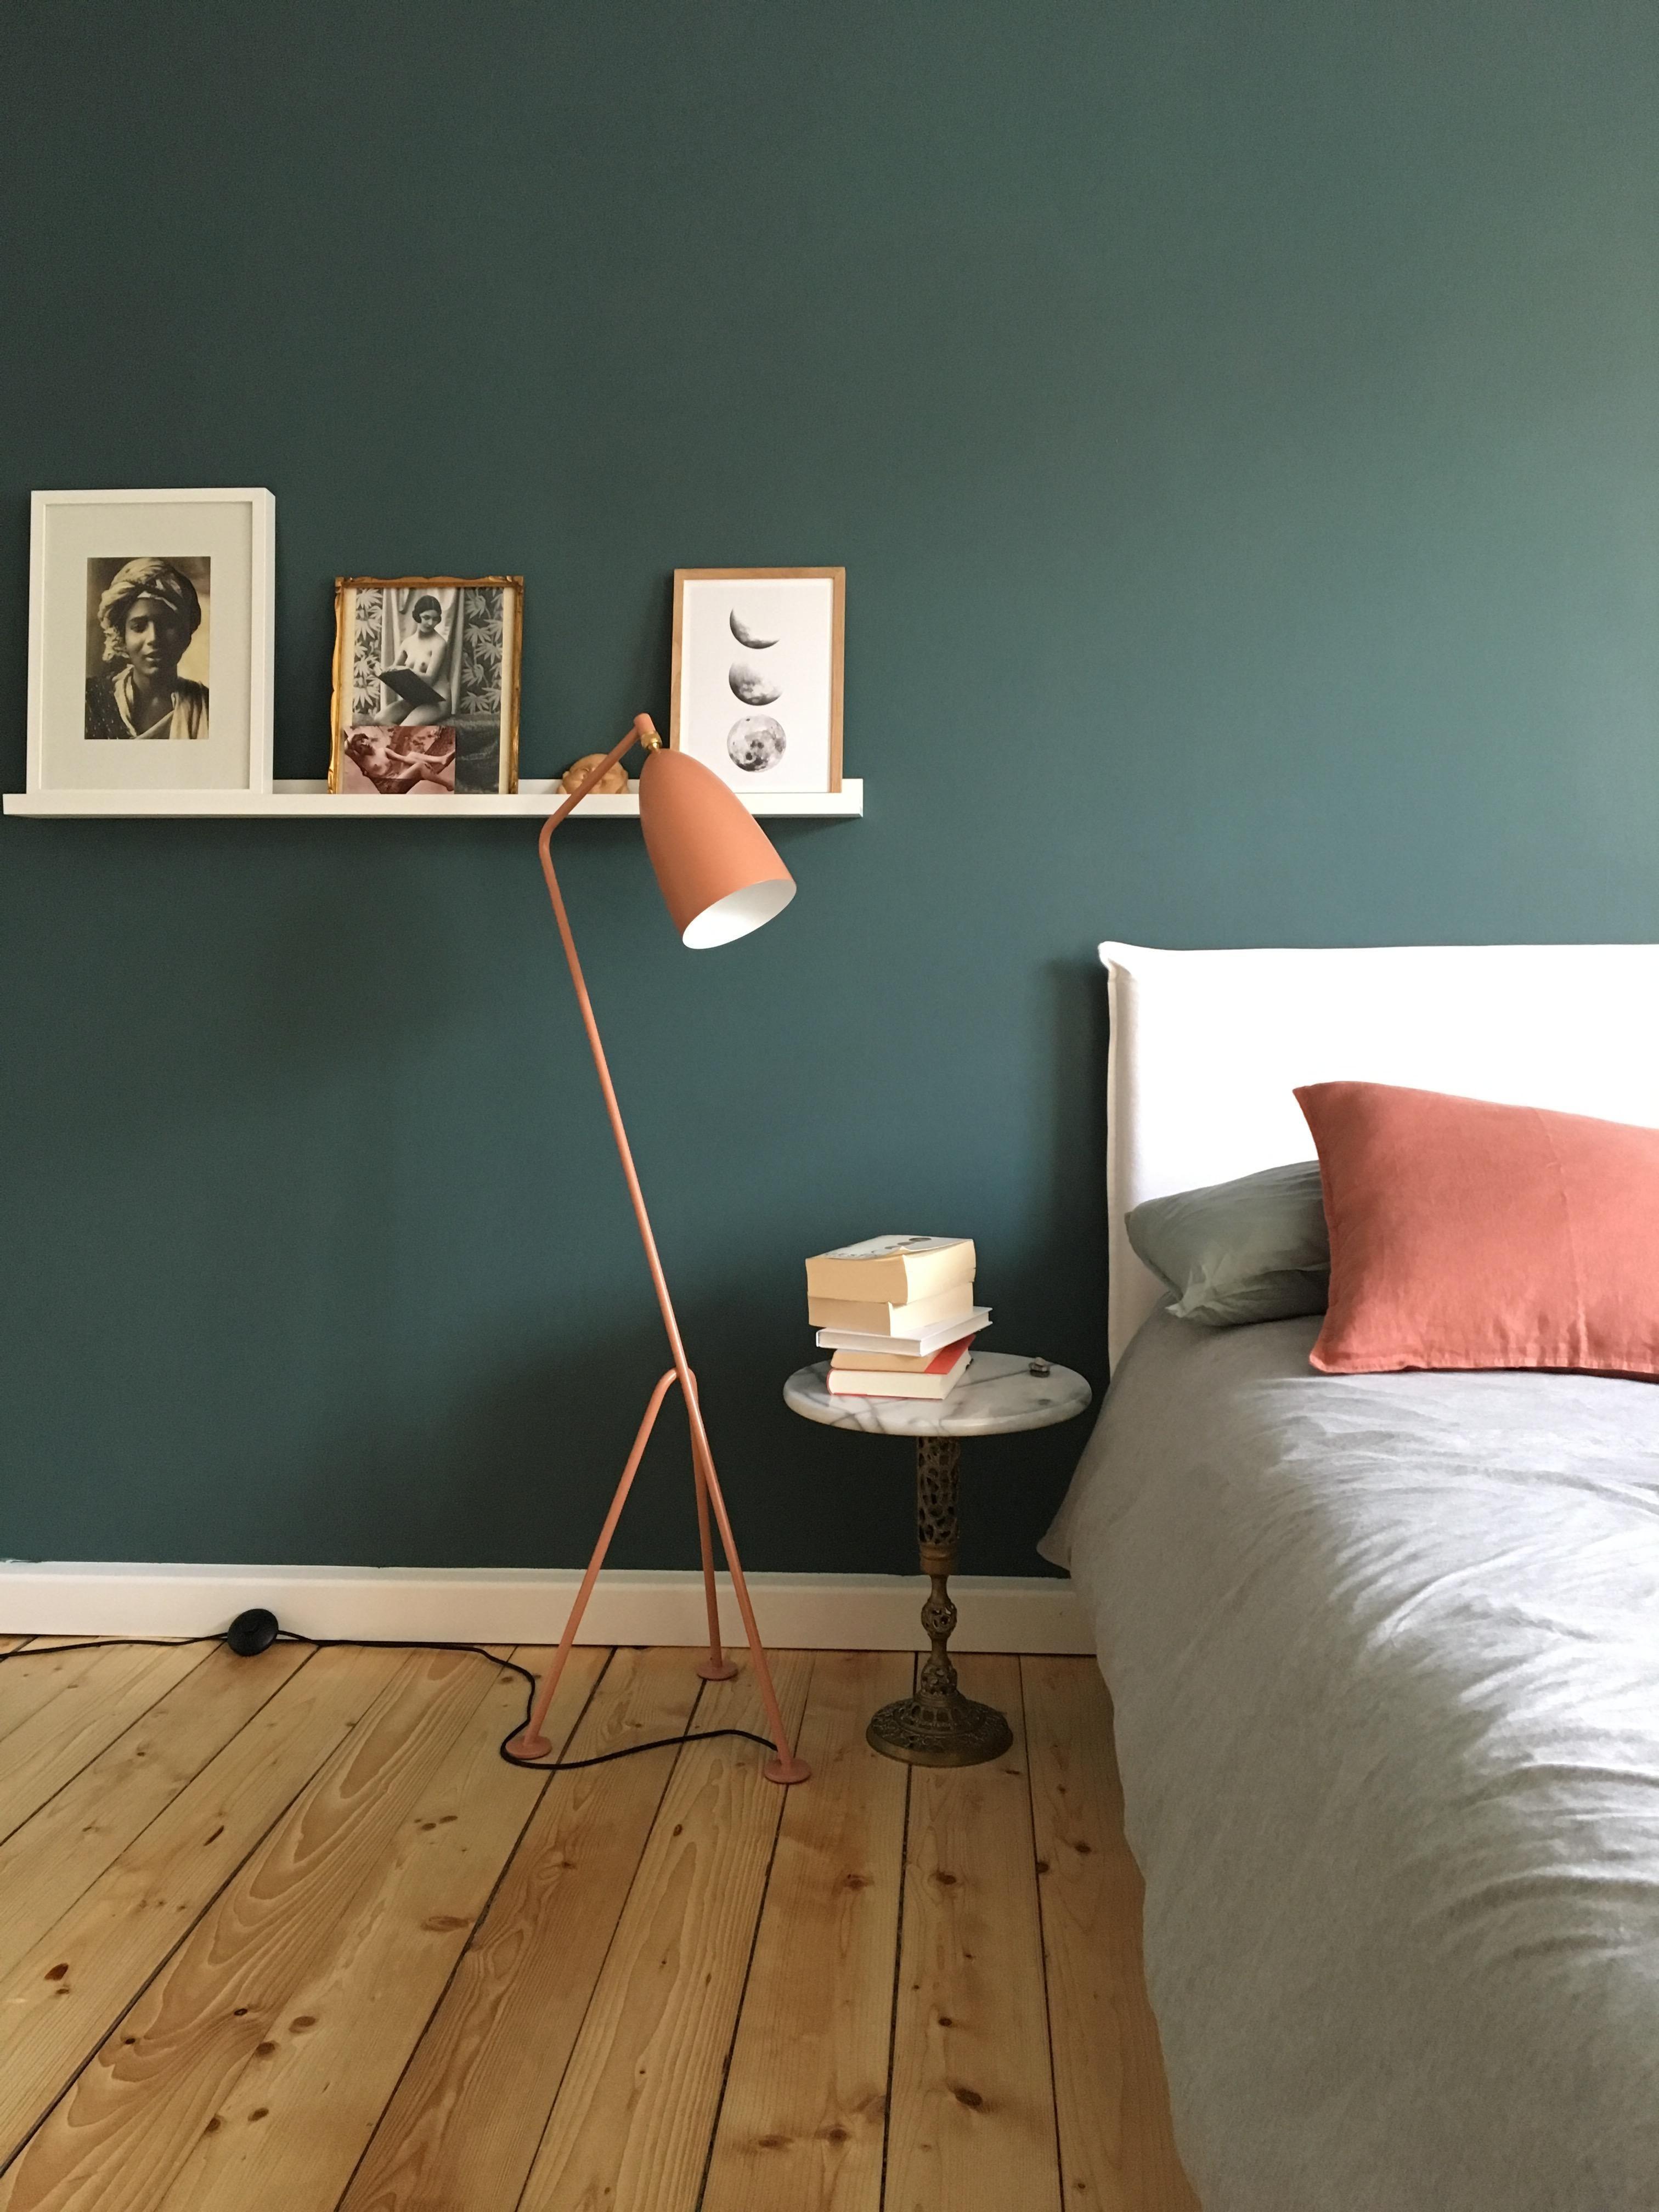 Schlafzimmer Grueneliebe Vintage Boho Interiordesign Lebensraumgestaltung  Couchliebt Neuhier Dc622655 8372 4d5b B80a 38eefe0ef1a1